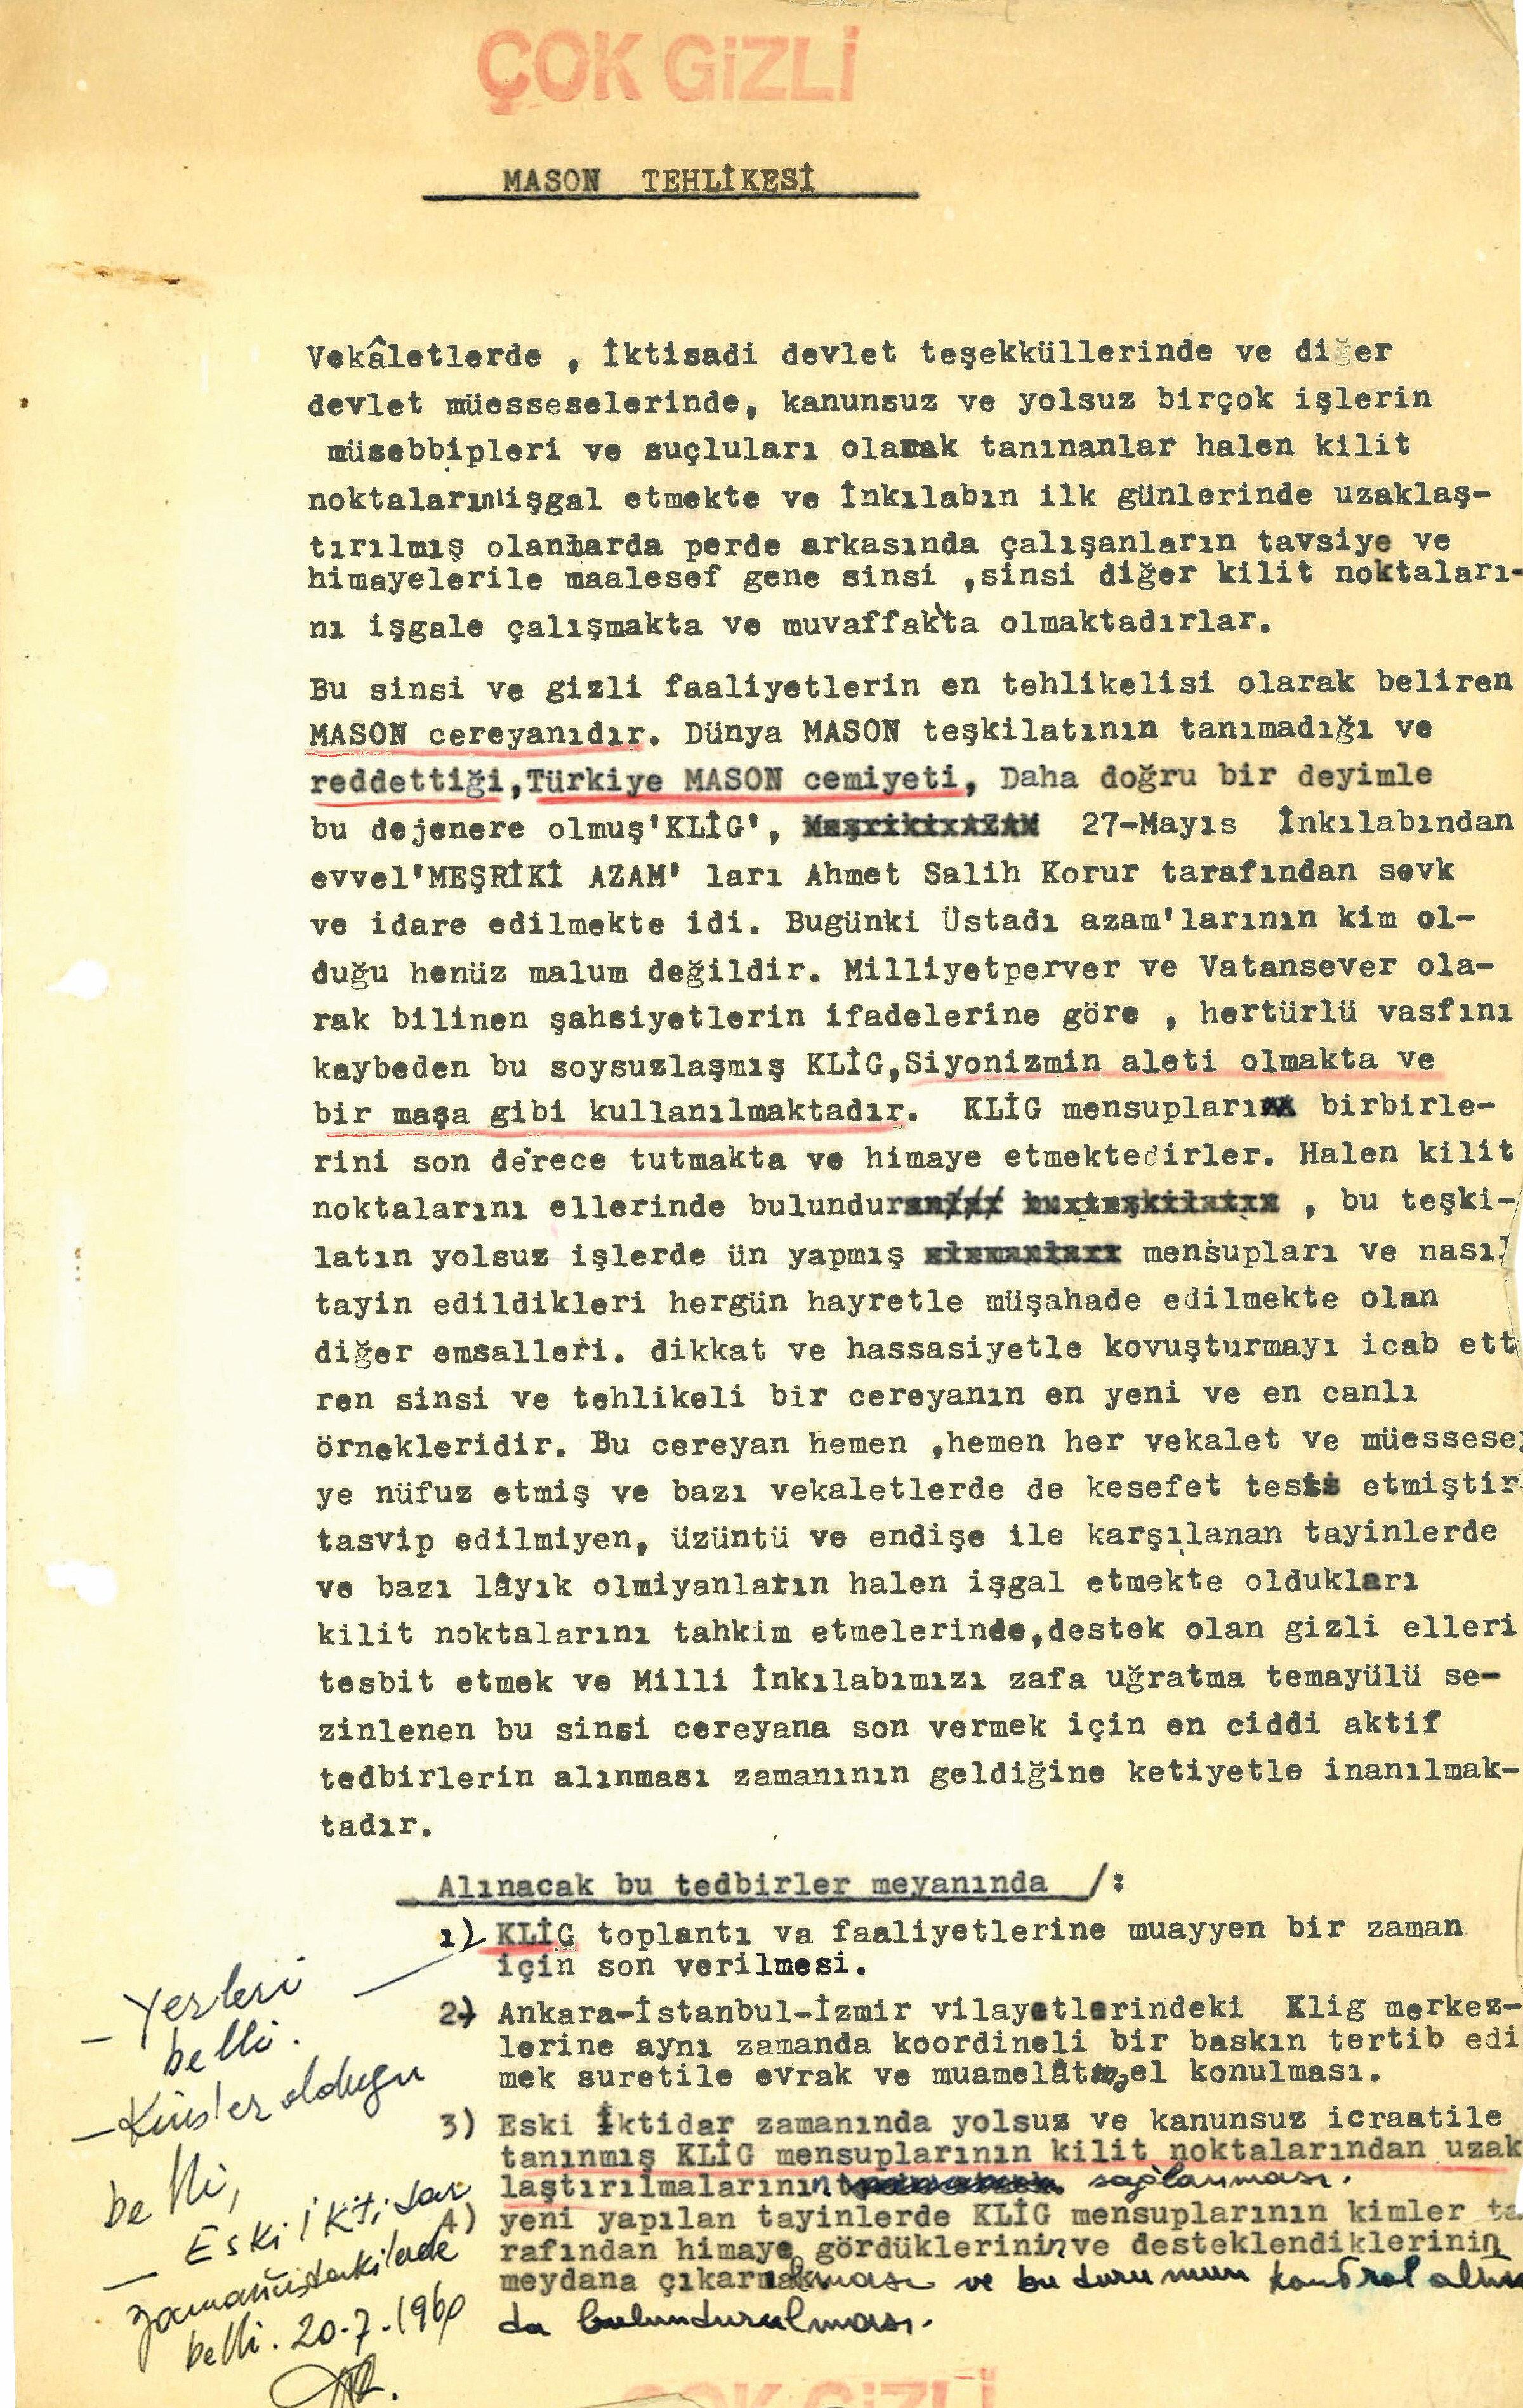 """Türkiye farklı isimler altındaki mason kuruluşları ve masonik örgüt FETÖ'nün """"devlete sızma"""" girişimleriyle mücadele ederken 1960 yılında kaleme alınan 2 ayrı istihbarat raporu ortaya çıktı. Milli Birlik Komitesi'ne de sunulan raporlarda bugün olduğu gibi """"bakanlıklar ve kamu kurumlarının"""" sinsi sinsi işgal edilmek istendiği ifade ediliyor."""